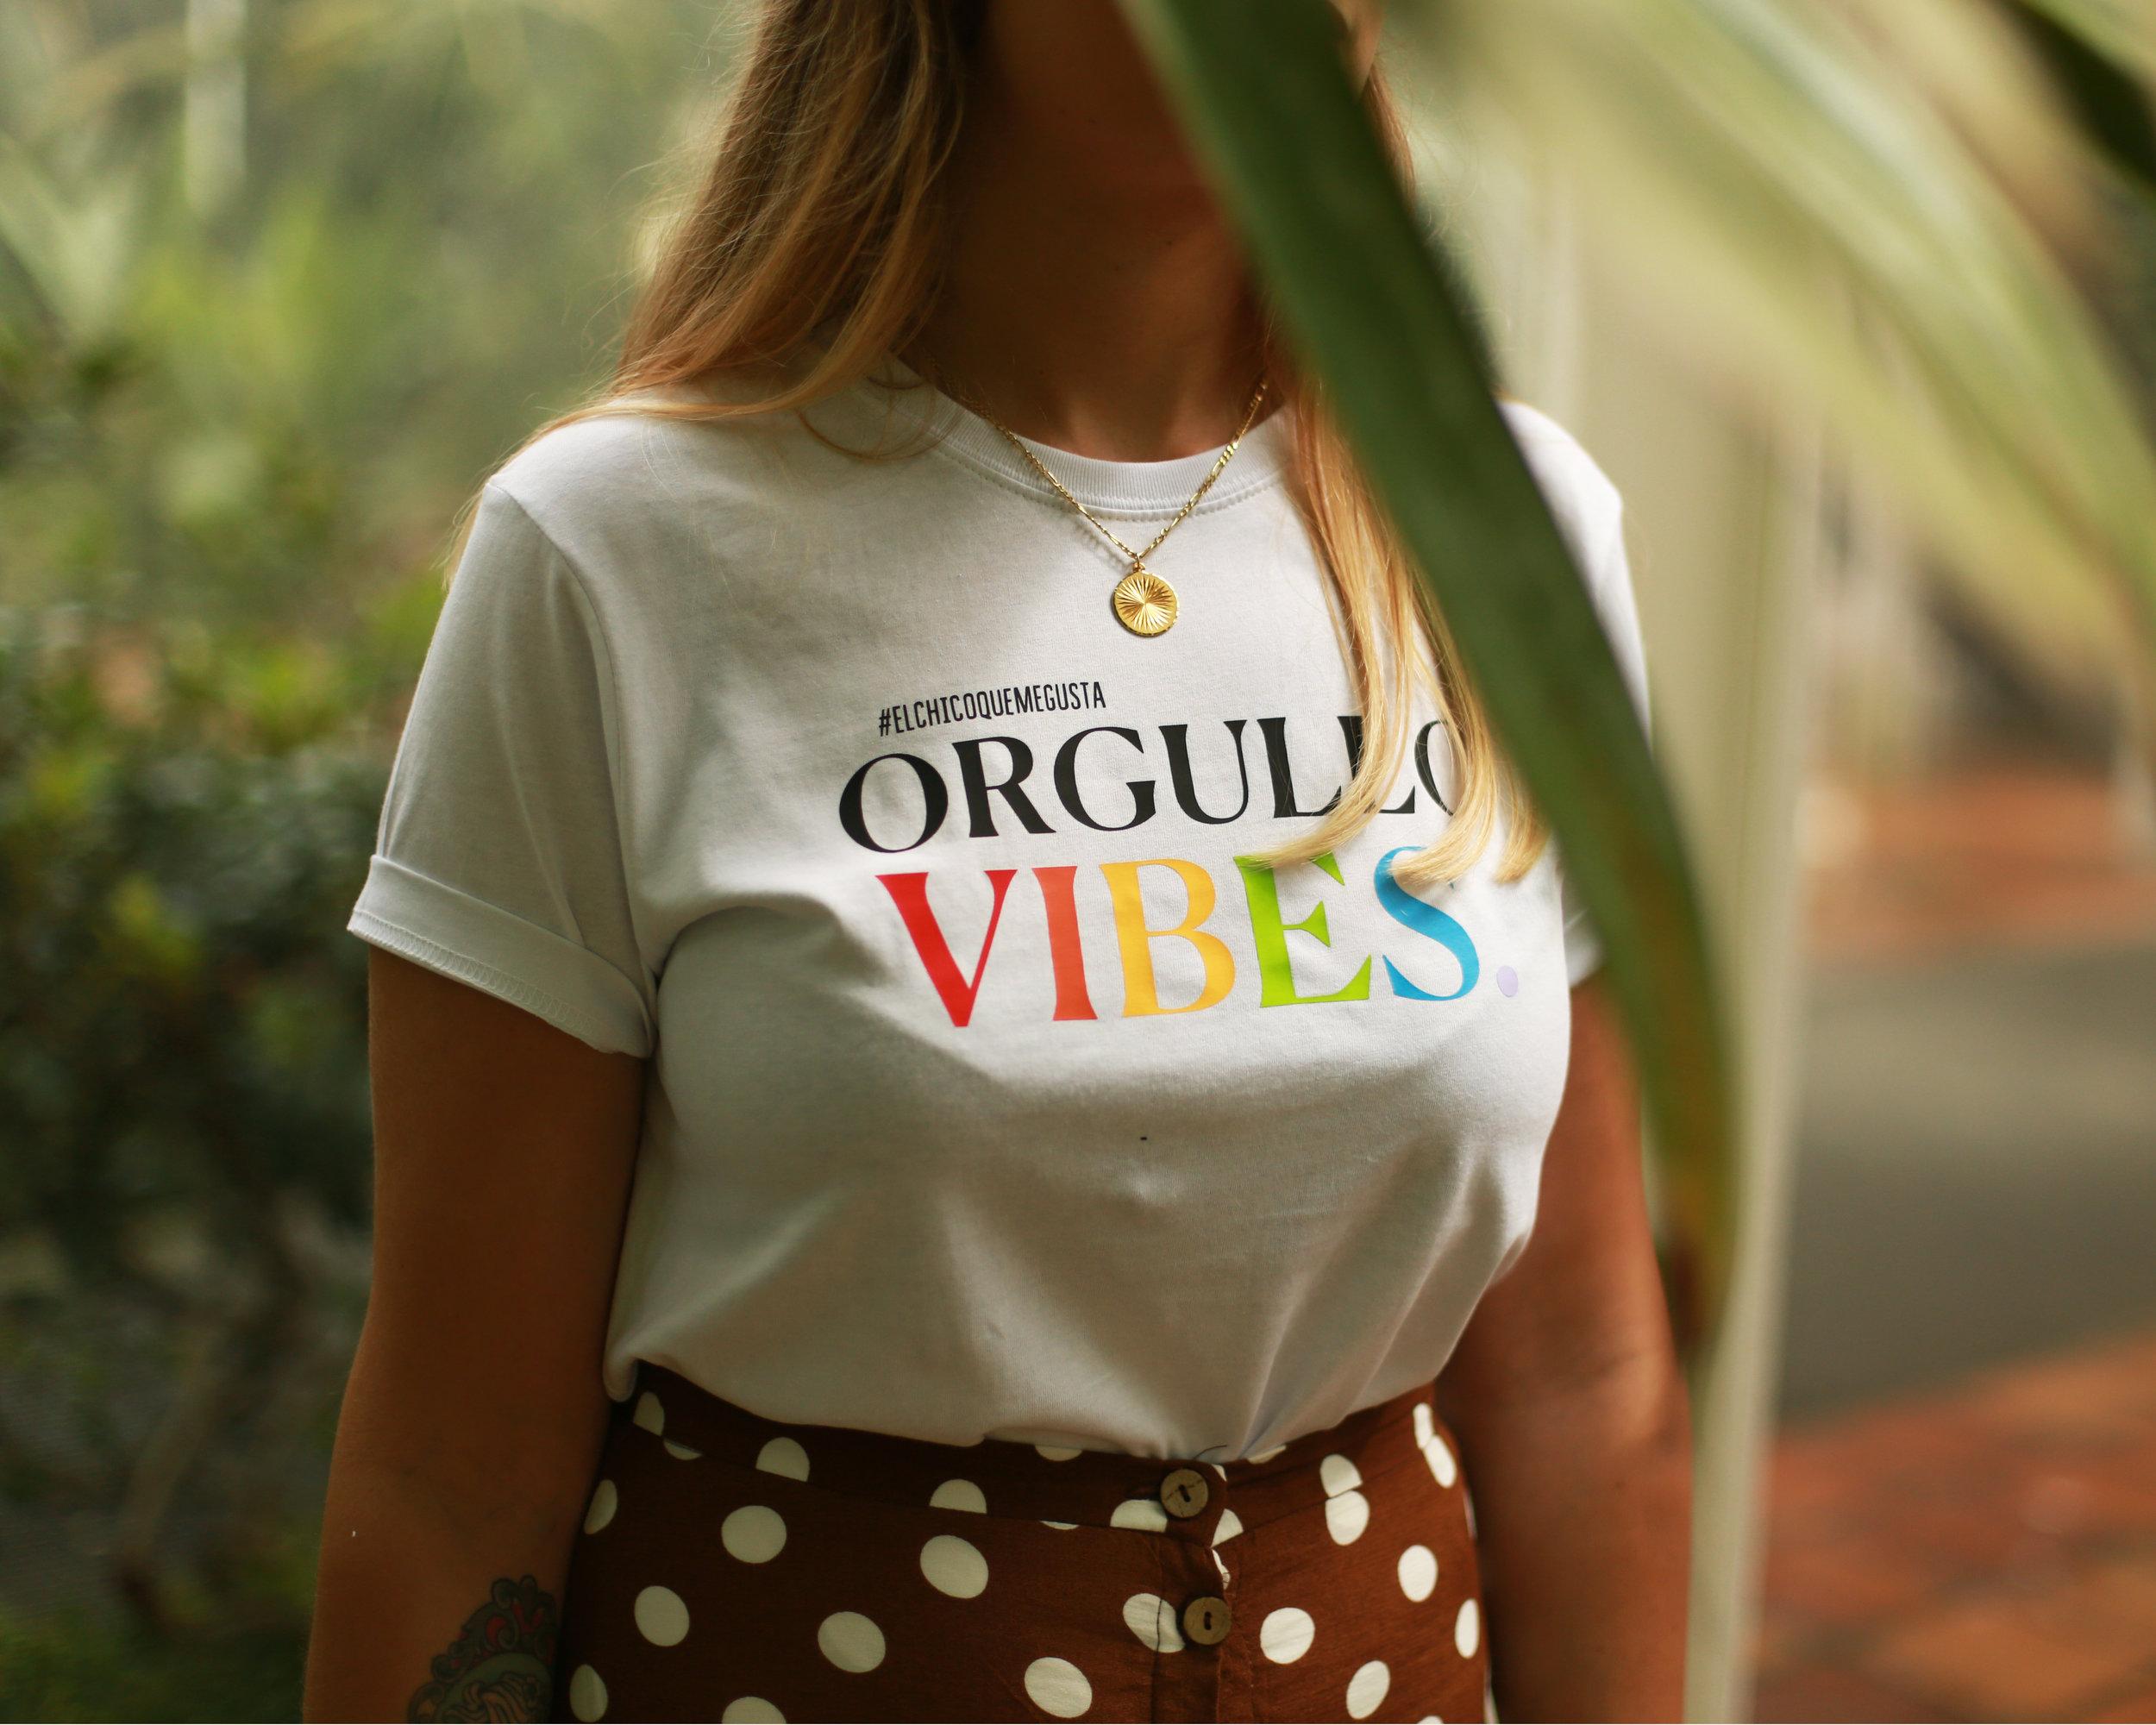 Camiseta de @elchicoquemegusta